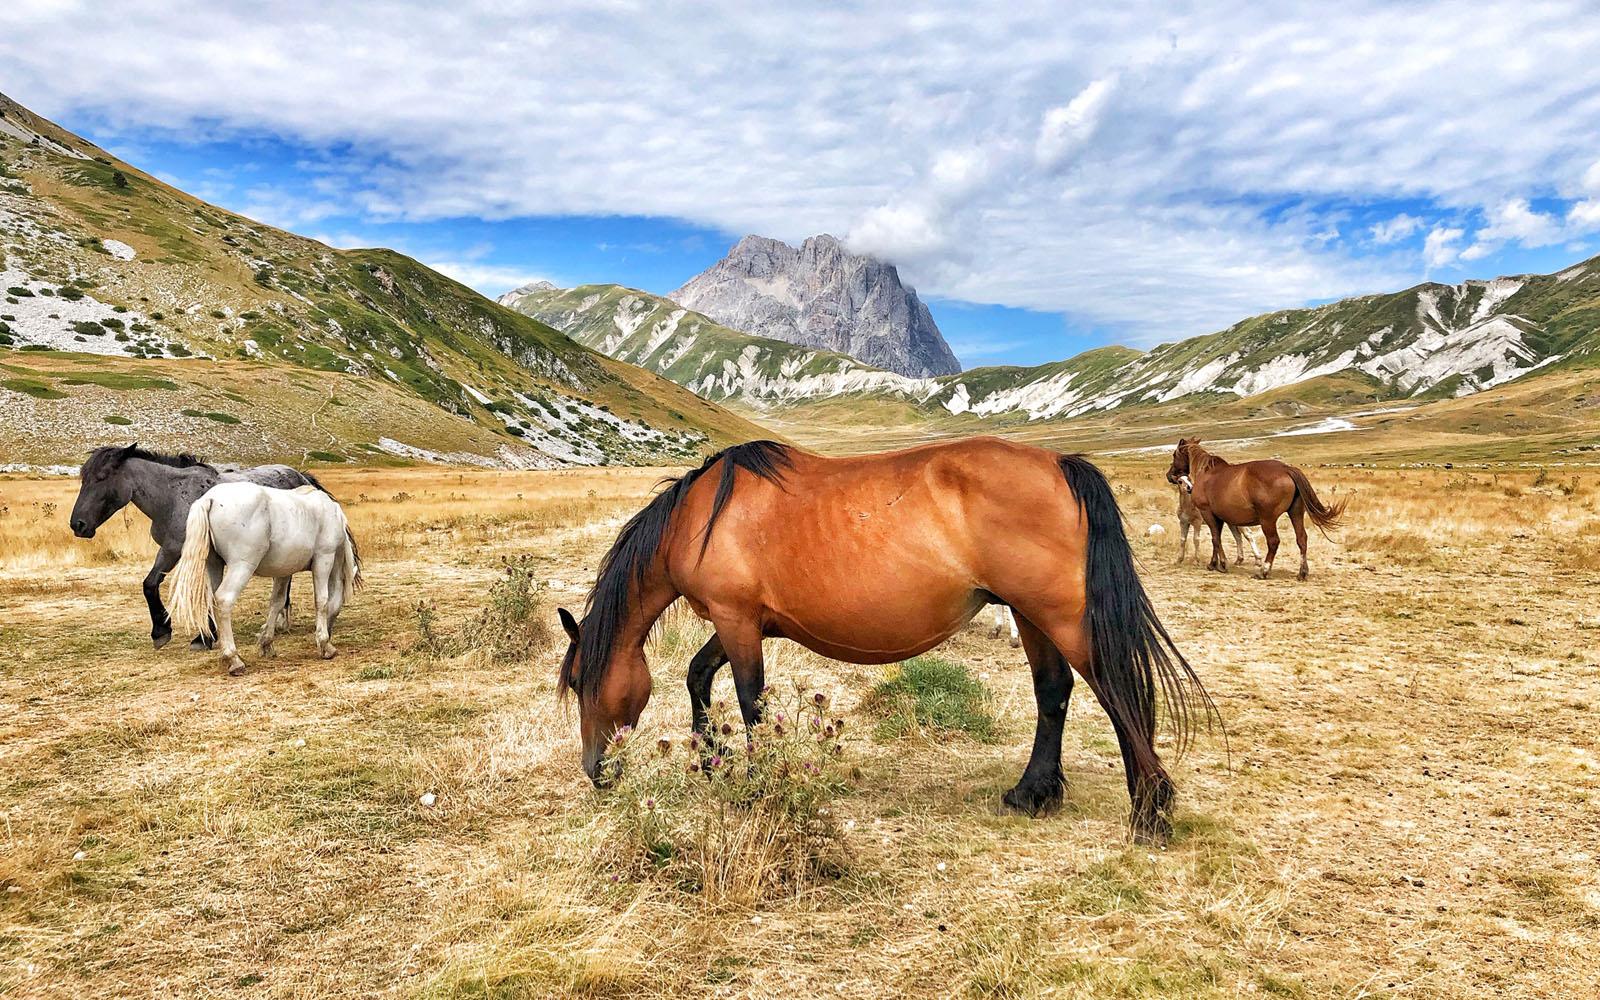 Cavalli a Campo Imperatore, nel Parco del Gran Sasso in Abruzzo.